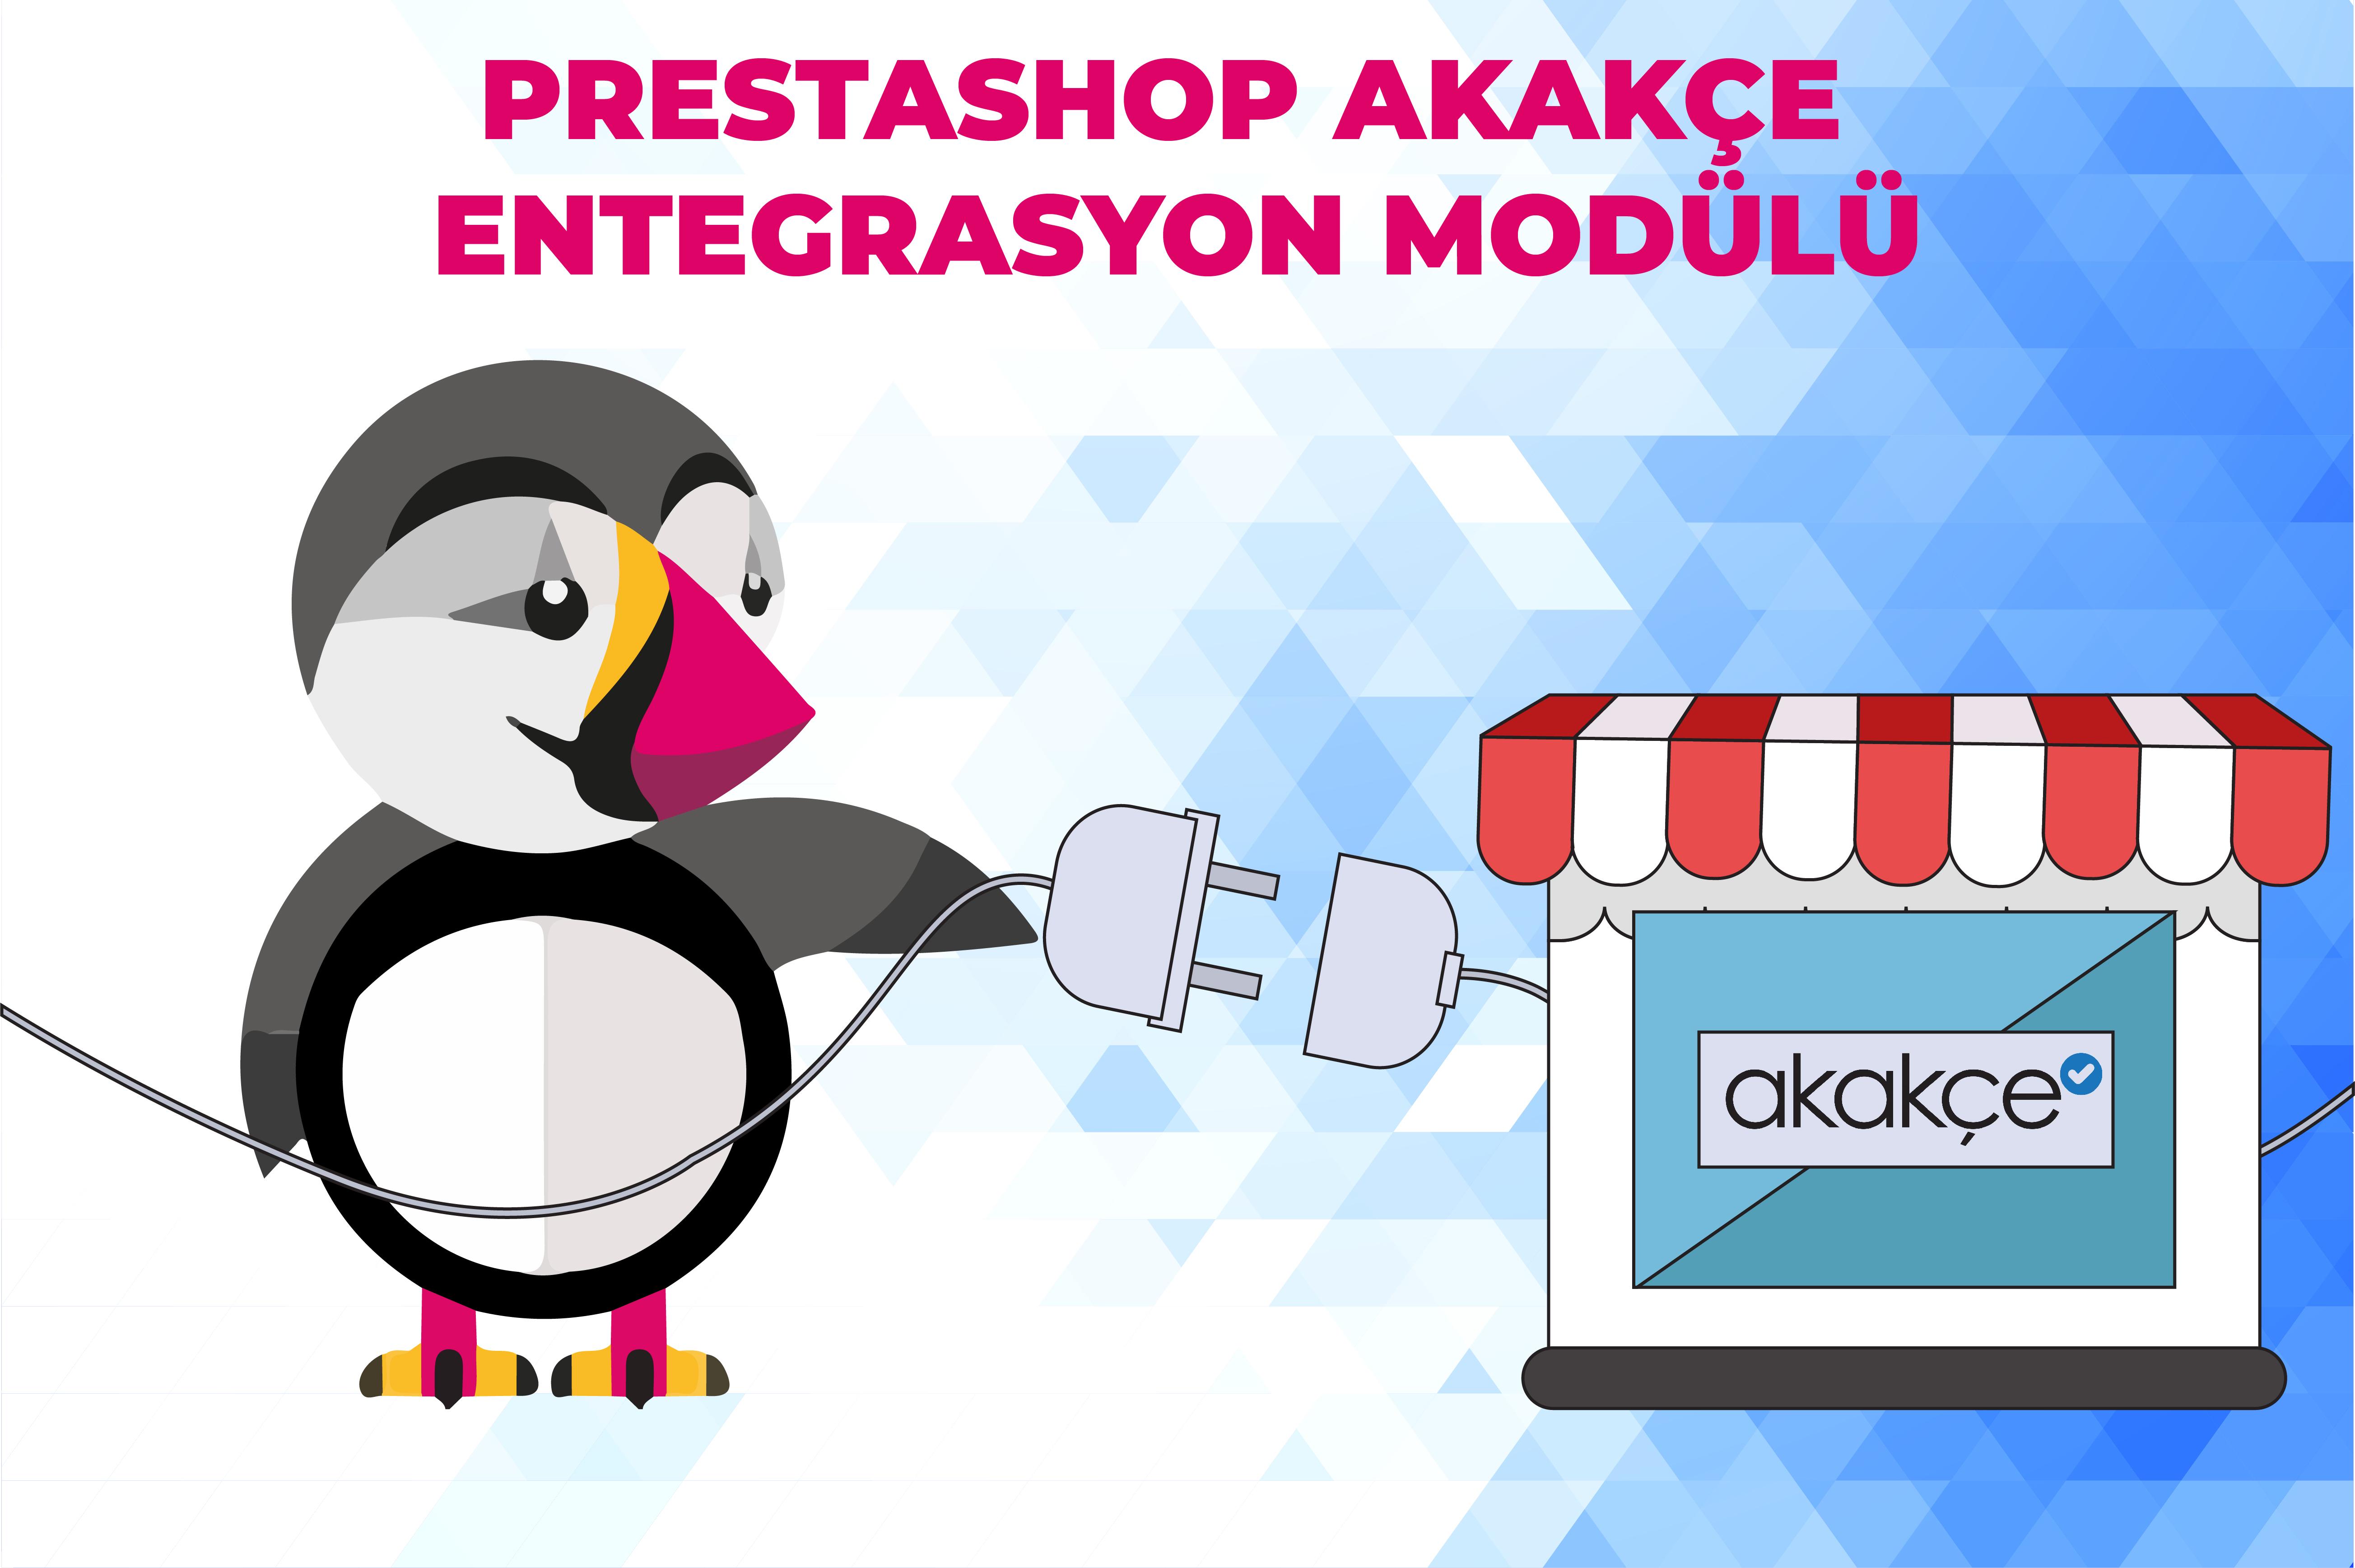 prestashop-akakce-entegrasyon.jpg